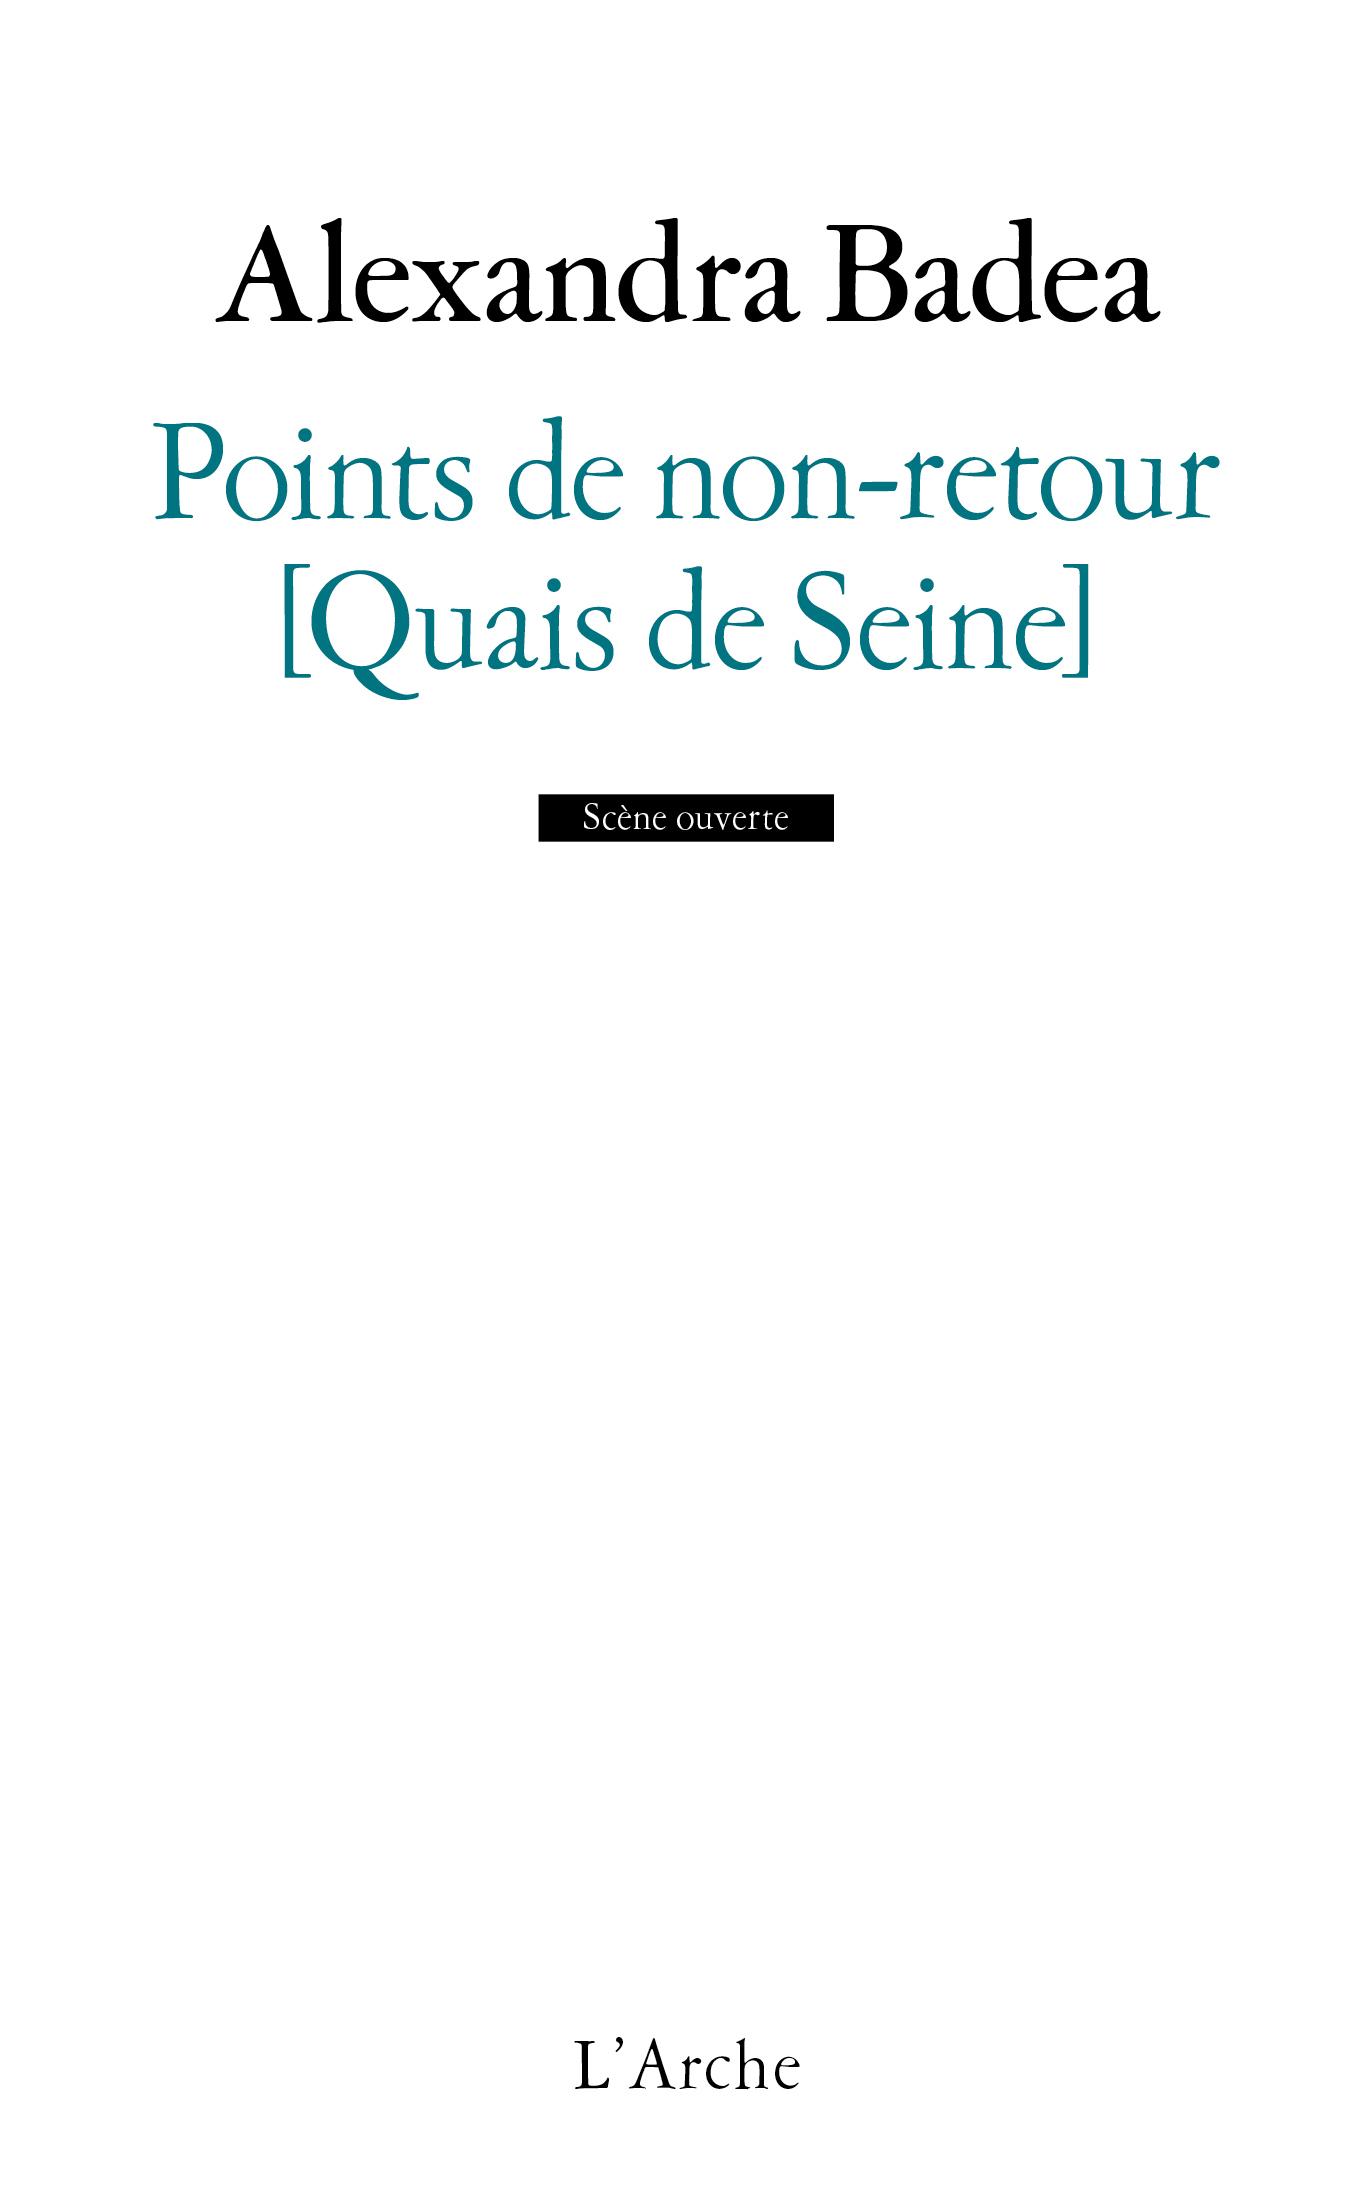 POINTS DE NON-RETOUR [QUAIS DE SEINE]